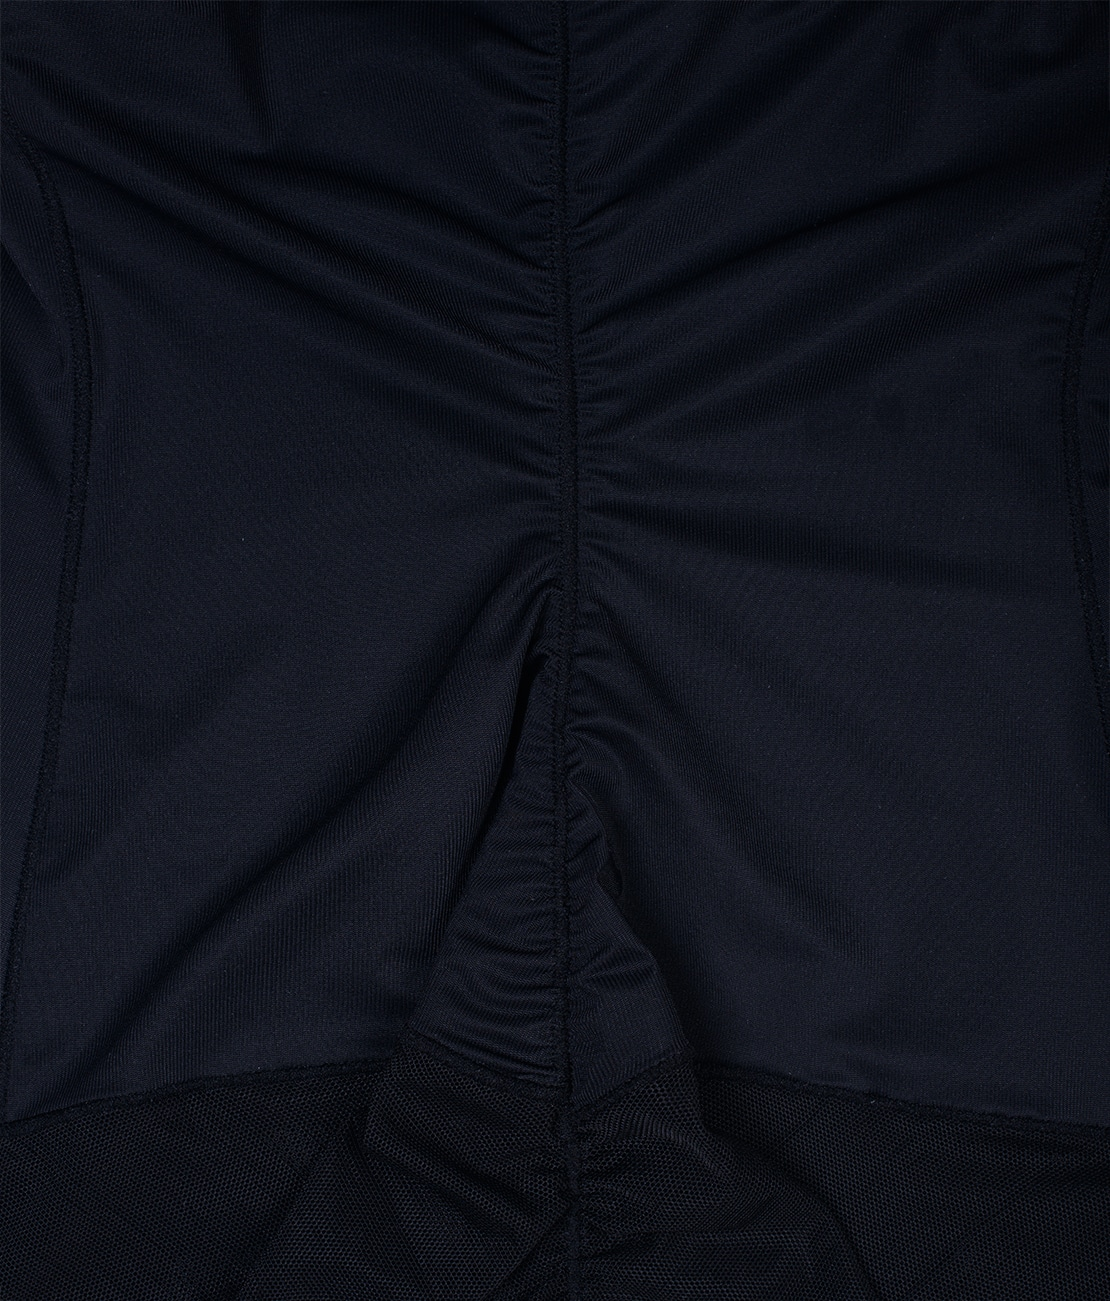 Culotte Gaine Noire Packshot Detail 2